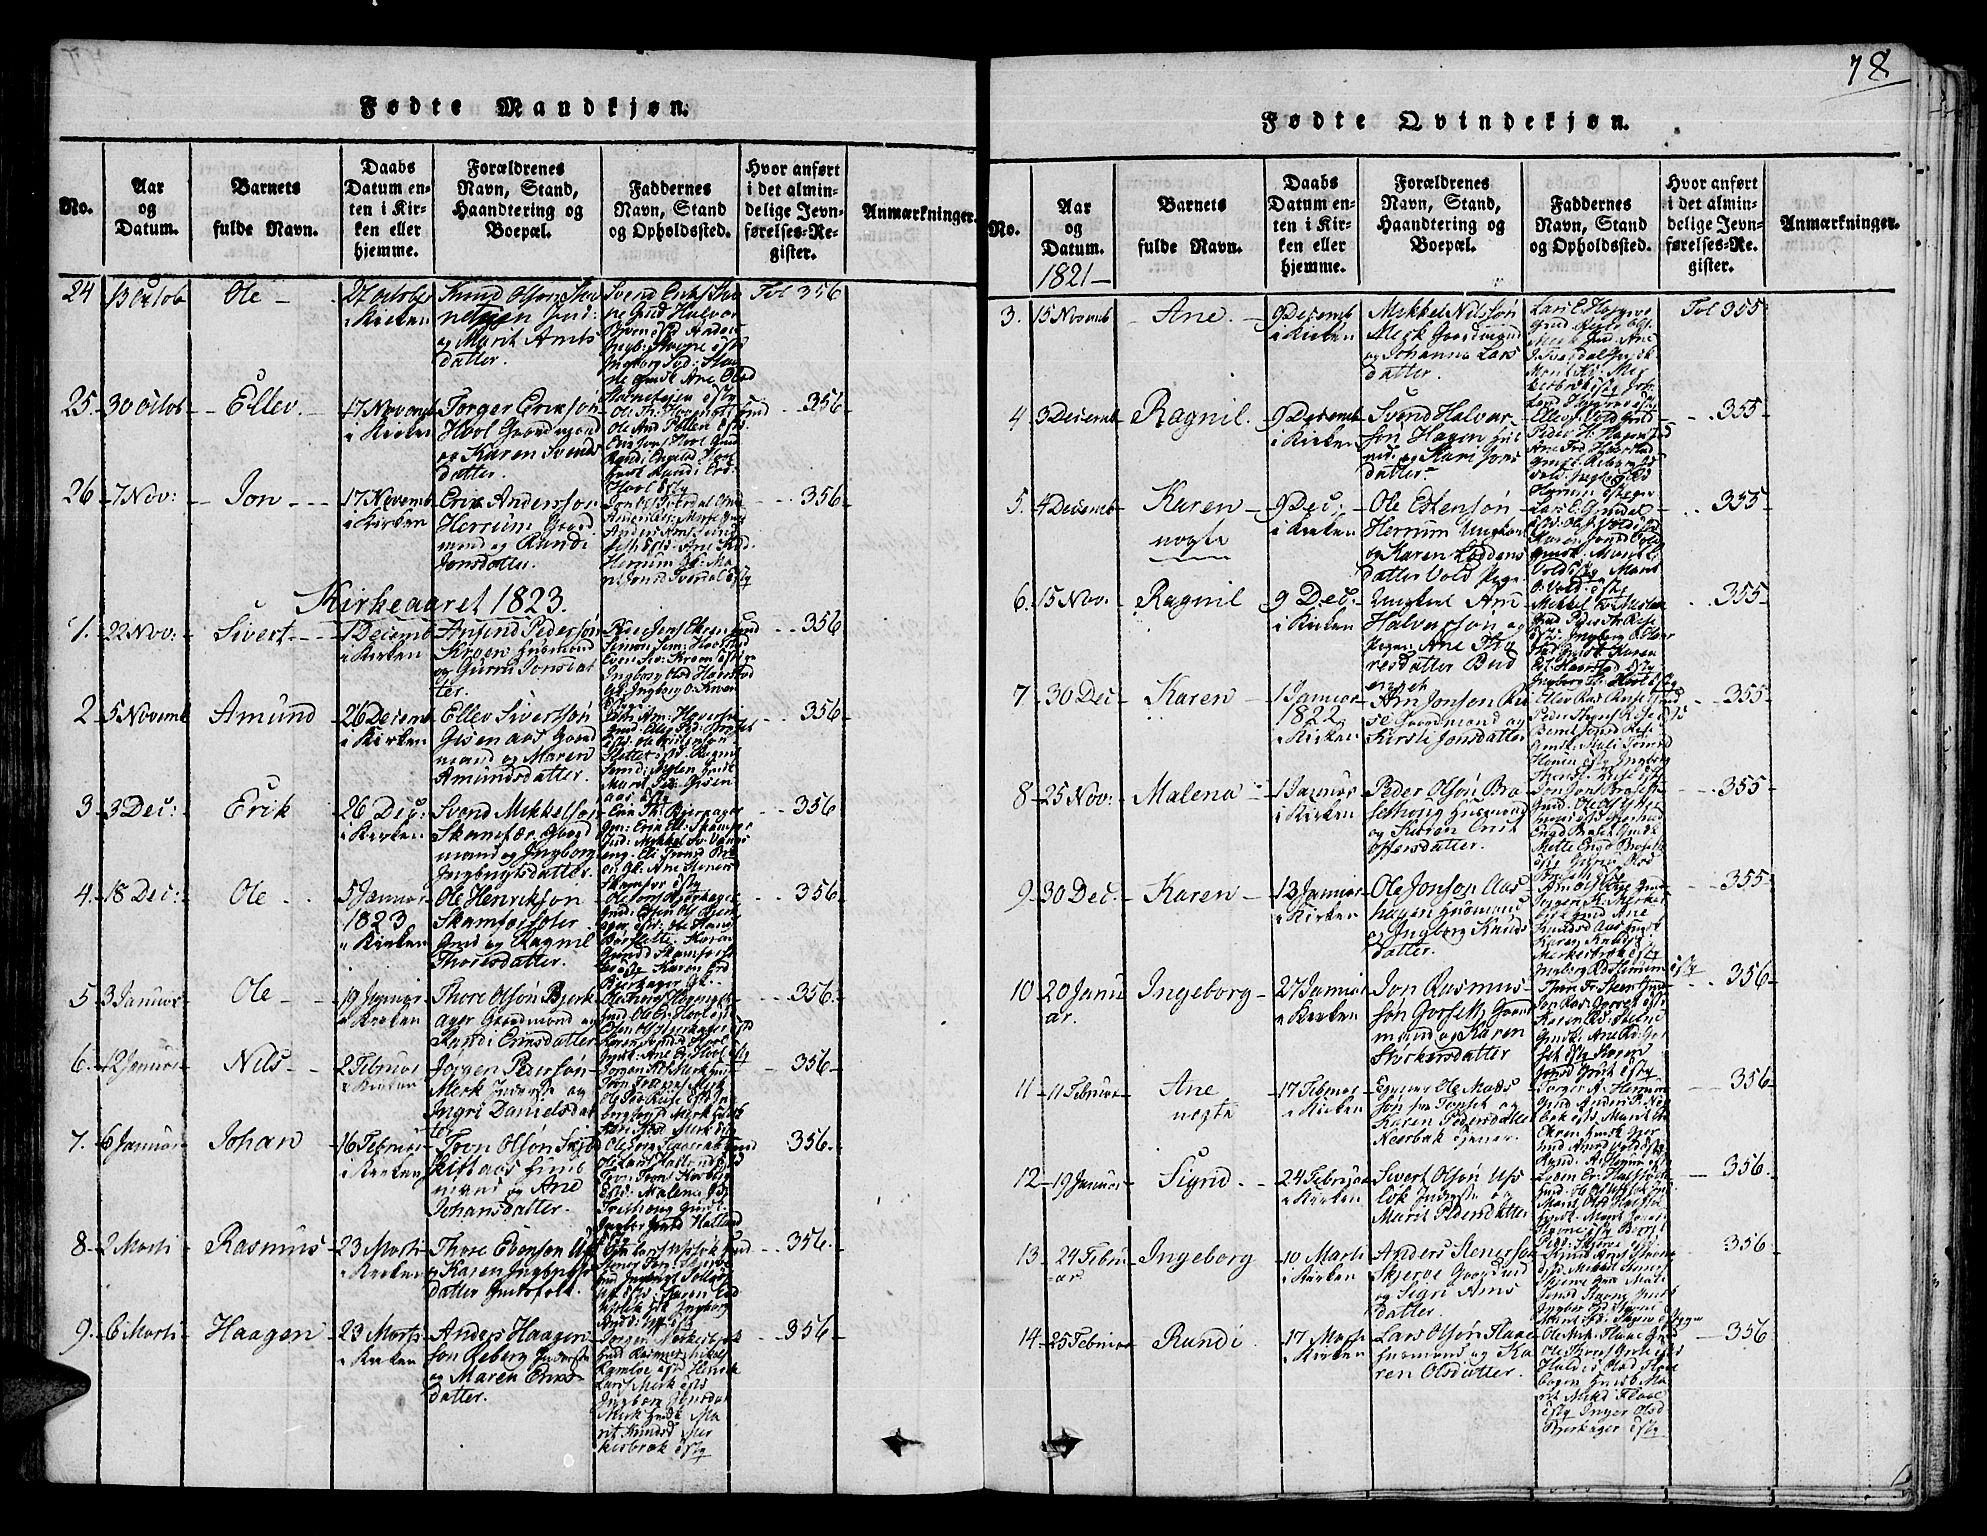 SAT, Ministerialprotokoller, klokkerbøker og fødselsregistre - Sør-Trøndelag, 672/L0854: Ministerialbok nr. 672A06 /2, 1816-1829, s. 78